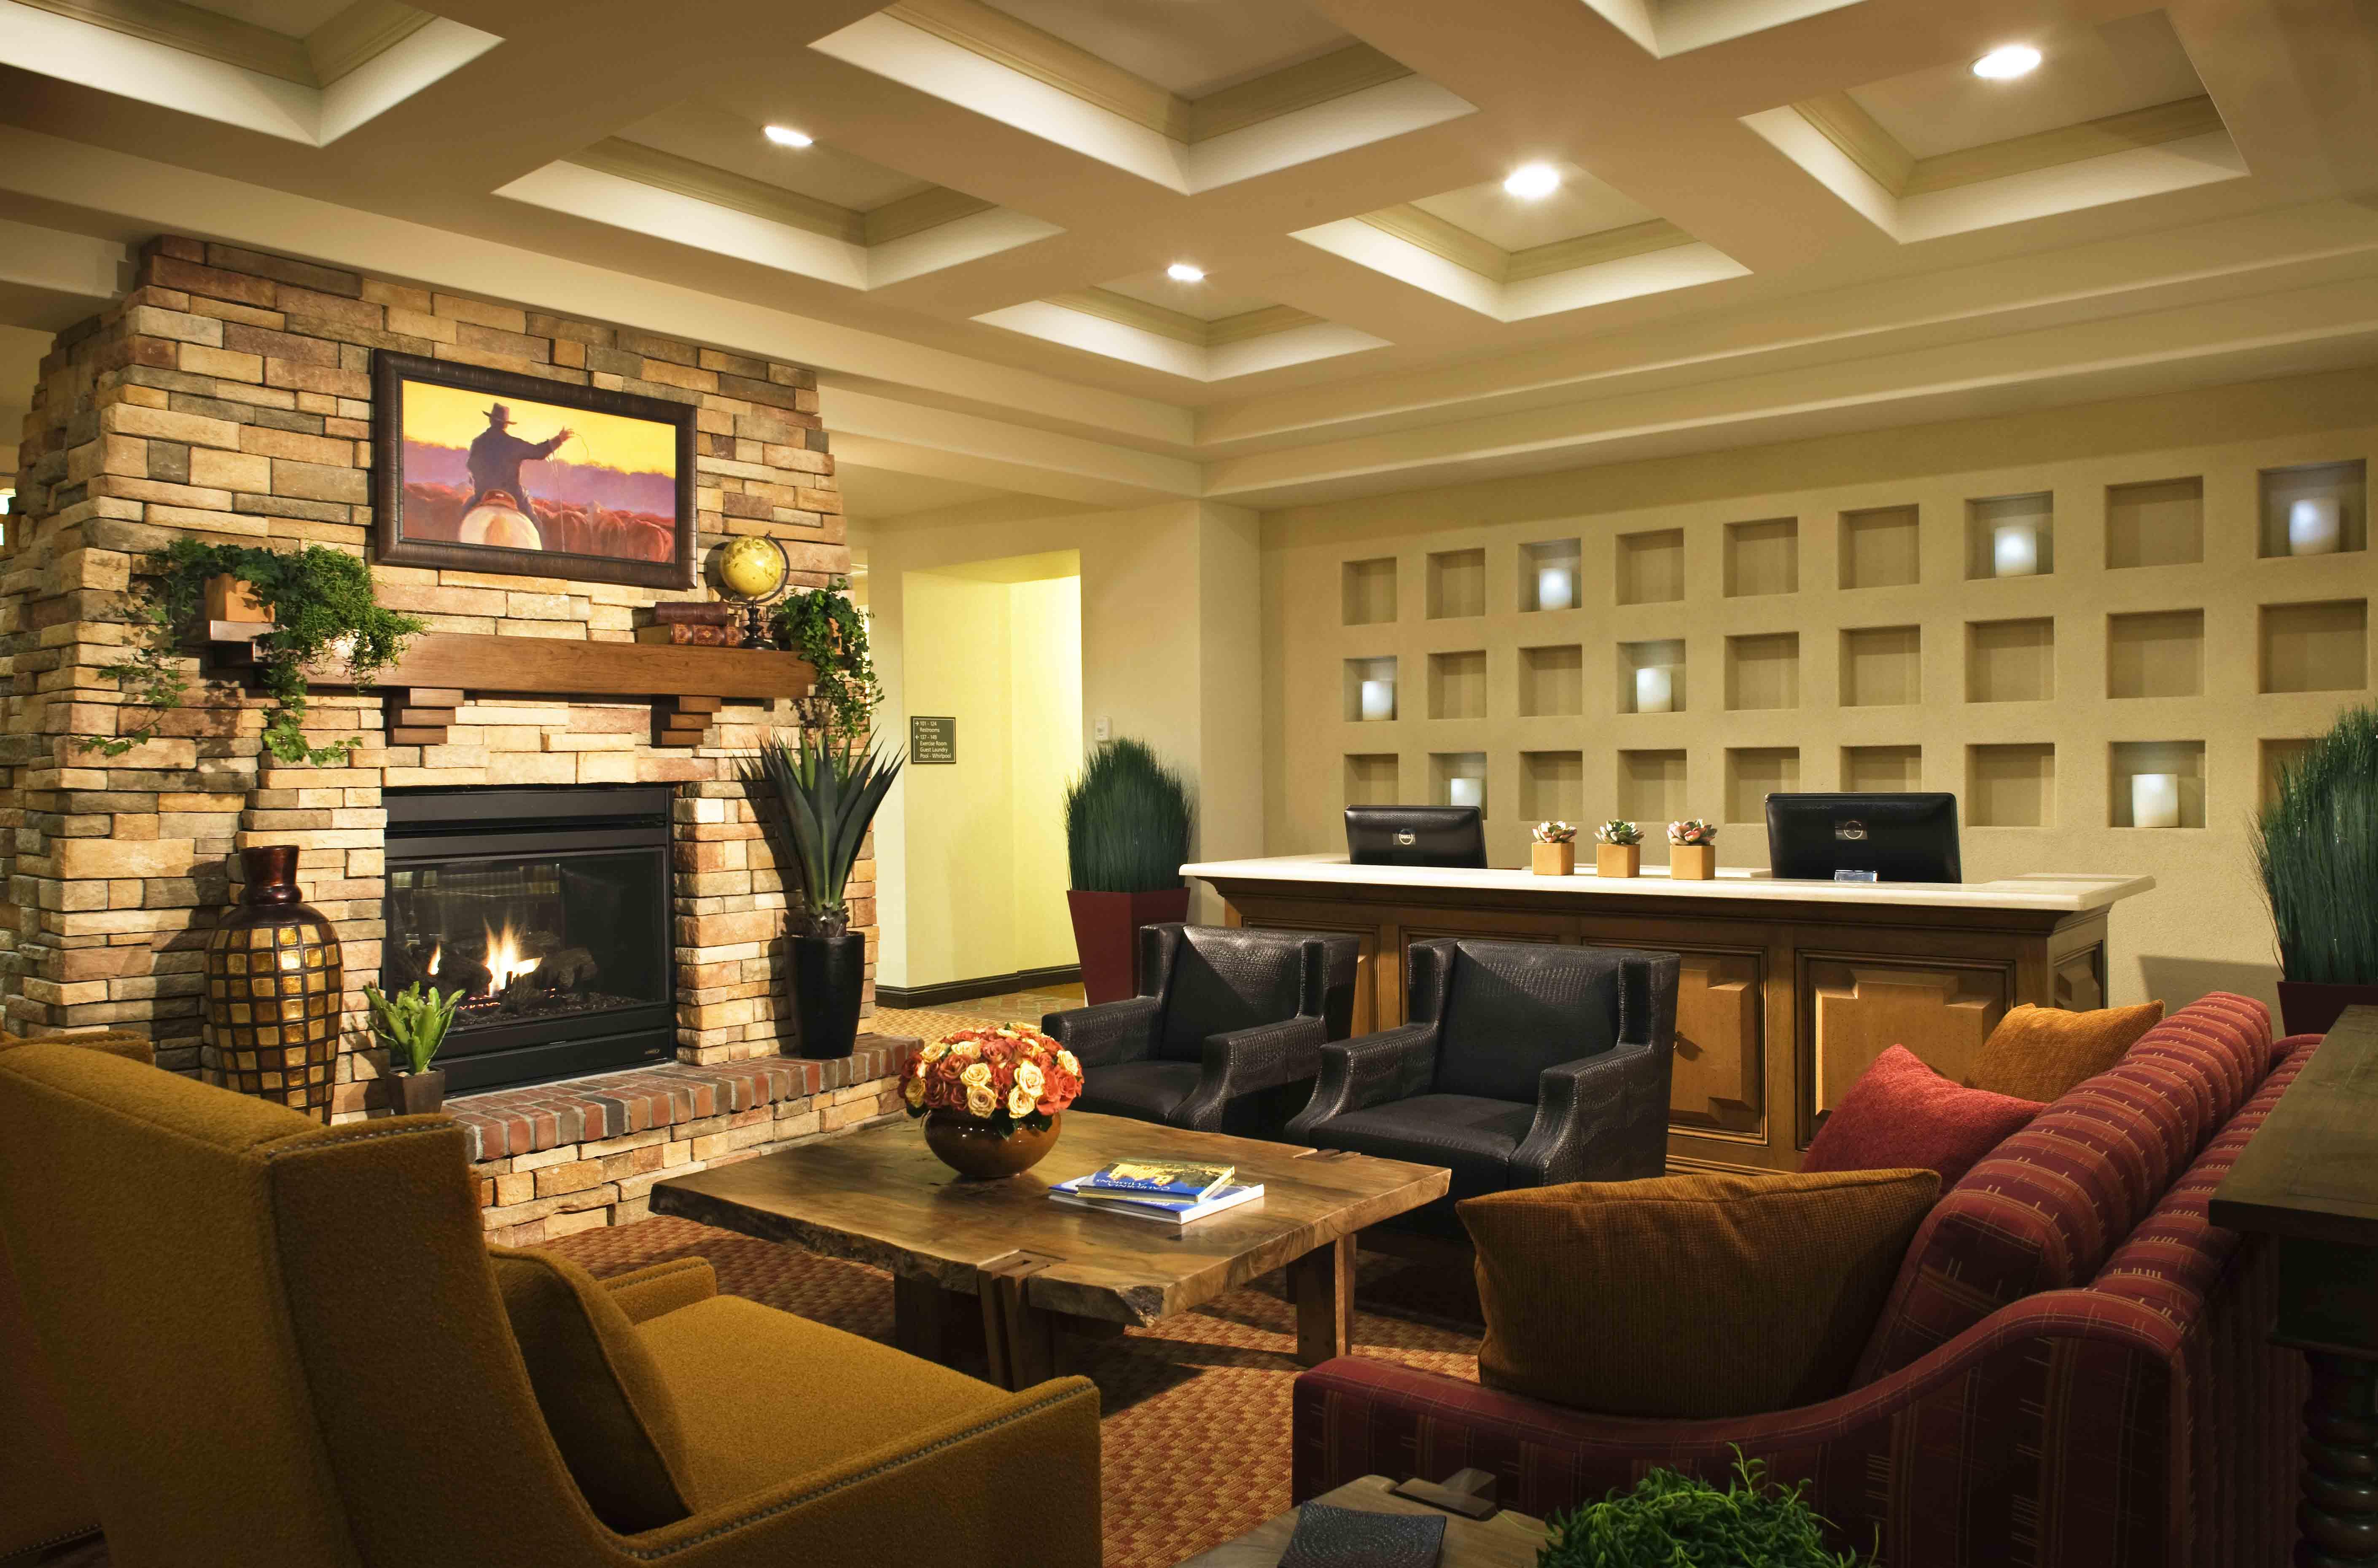 R D Olson Development Opens Residence Inn By Marriott In